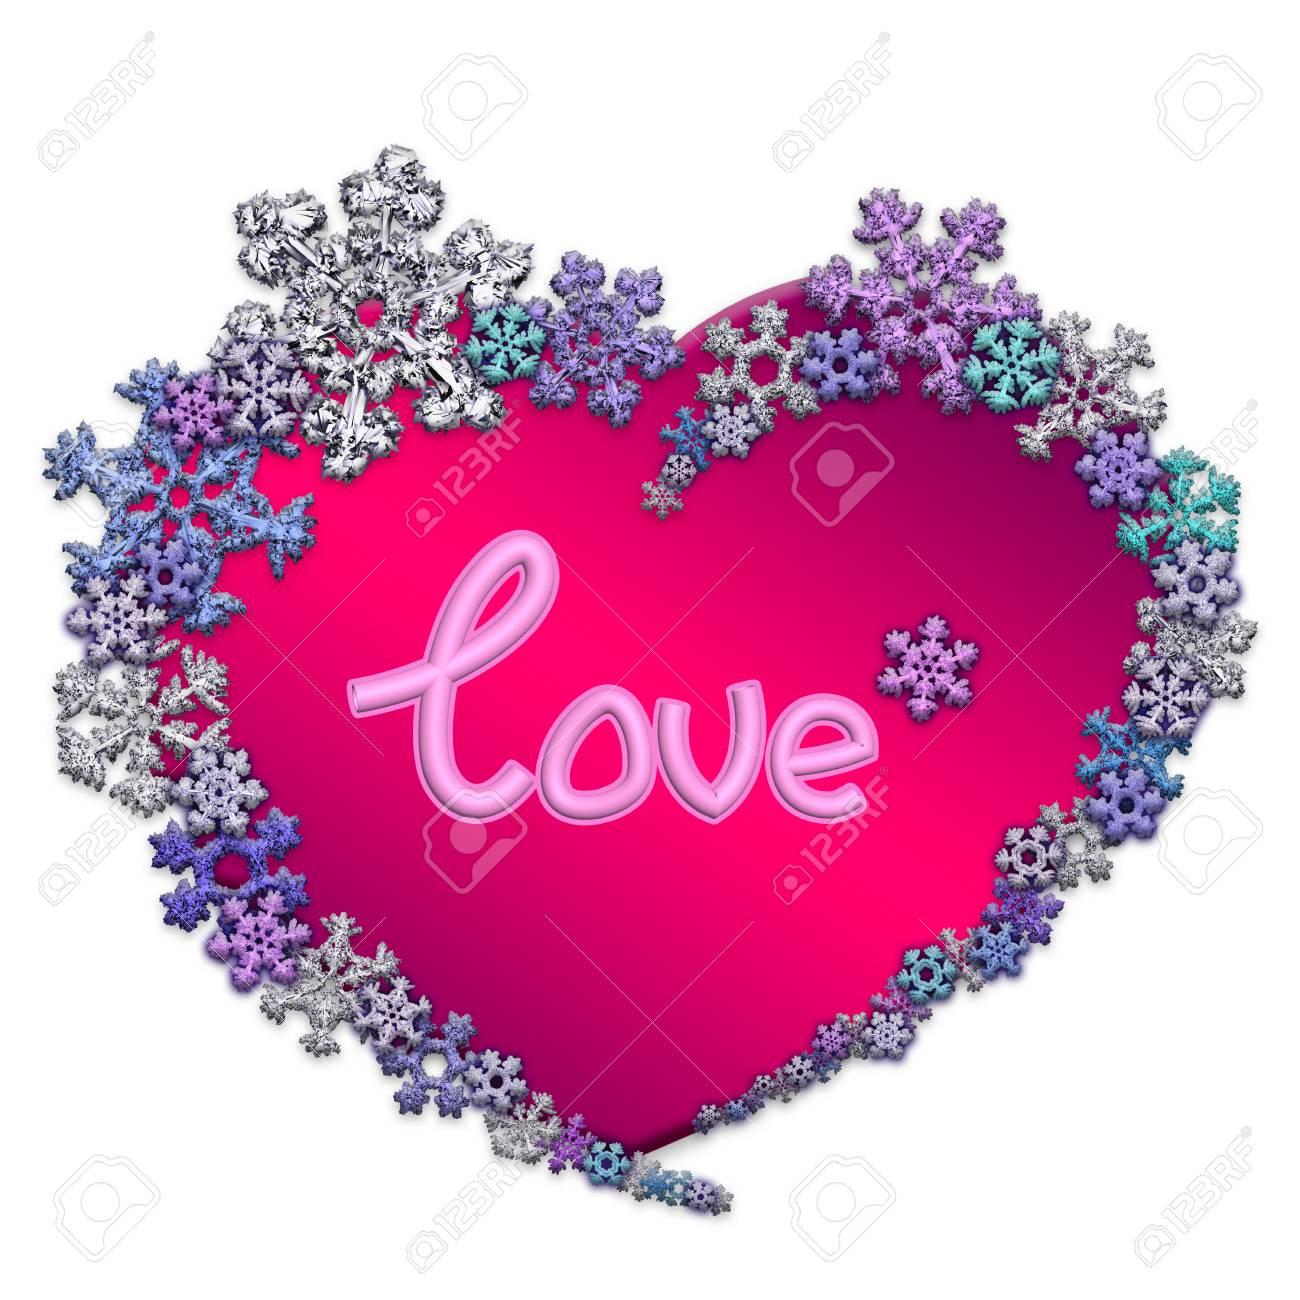 Magnifique Coeur Rose Avec Inscription Amour Fait De Différents Flocons De Neige Sur Fond Blanc Symbole Damour Mariage Et Saint Valentin Rendu 3d